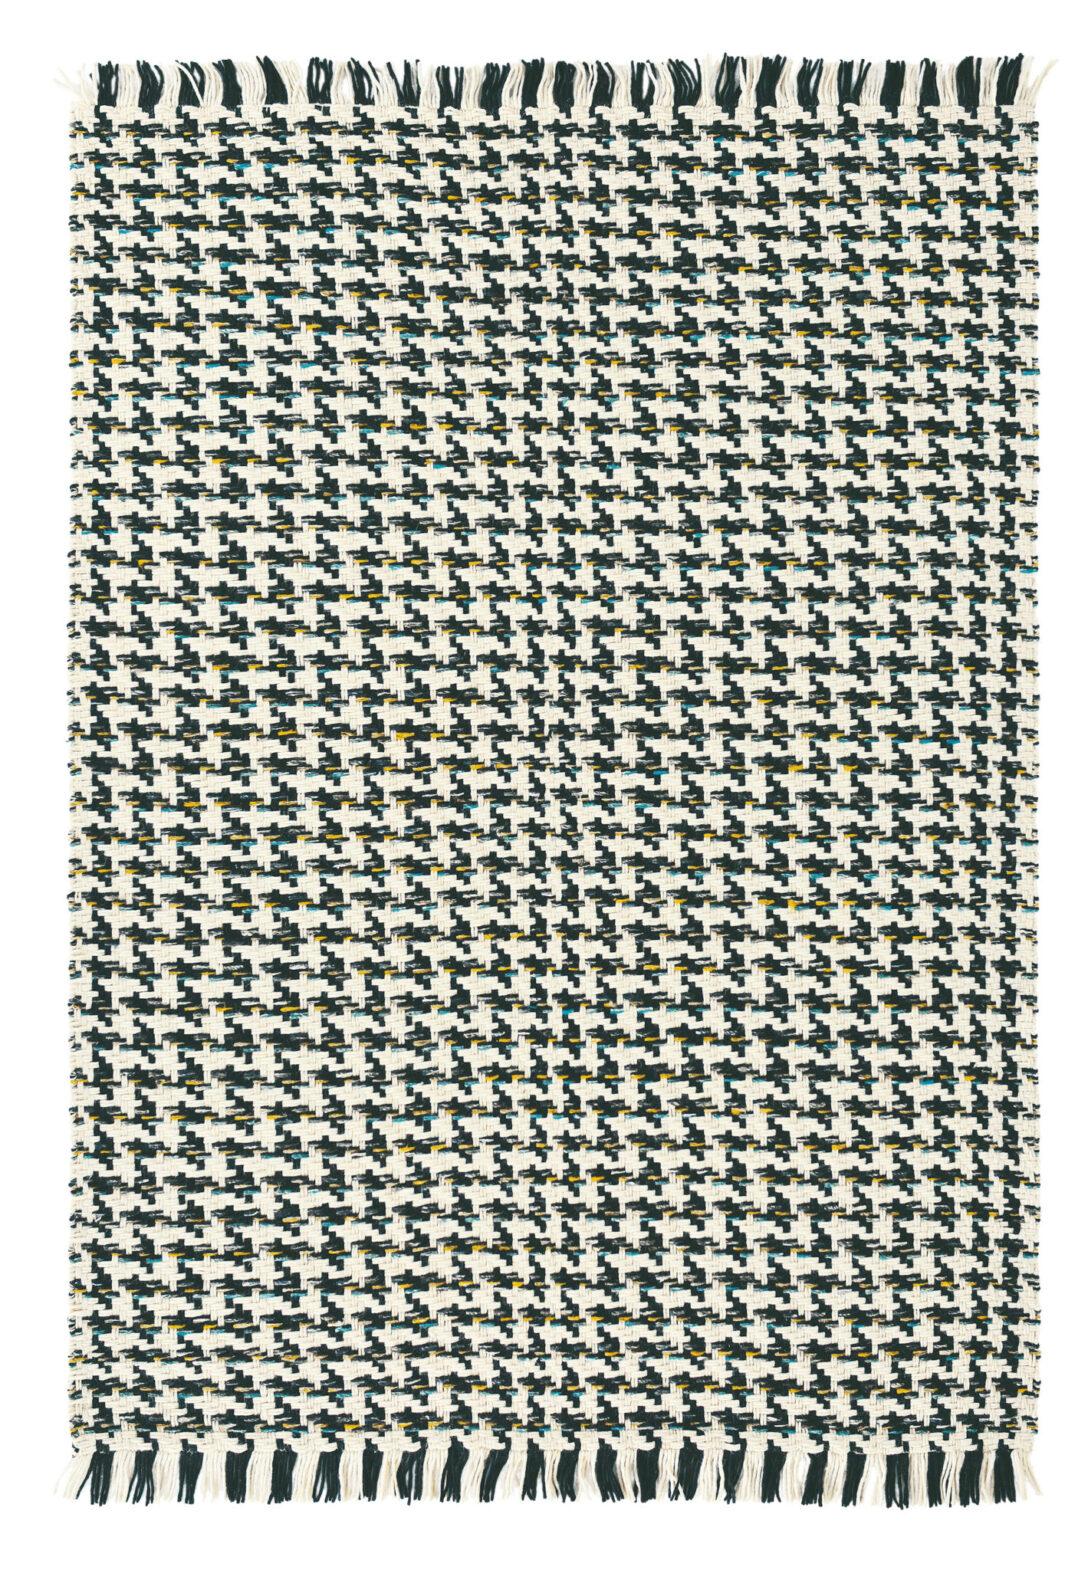 Large Size of Designer Flachgewebe Teppich Atelier Poule Schwarz Wei 160 X Esstisch Weiß Ausziehbar Schweißausbrüche Wechseljahre Weißes Bett 160x200 140x200 Kleiner Wohnzimmer Teppich Schwarz Weiß